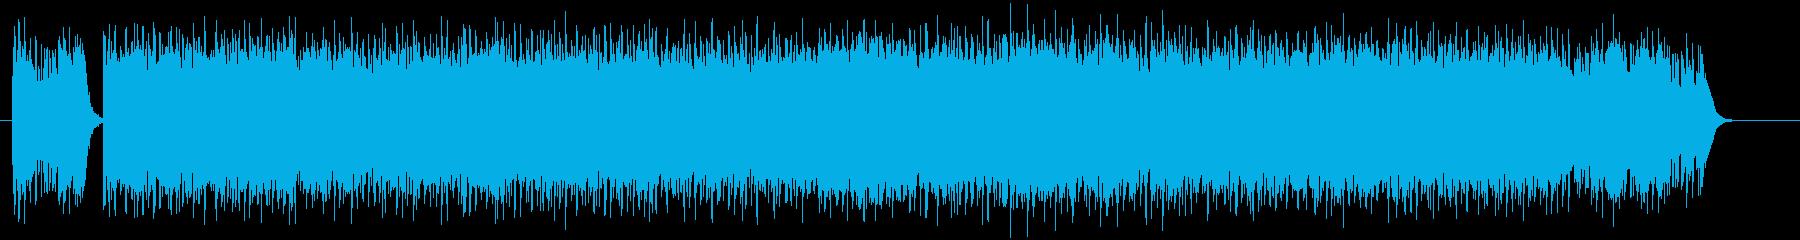 ドキドキ感とシリアスなシンセギターテクノの再生済みの波形